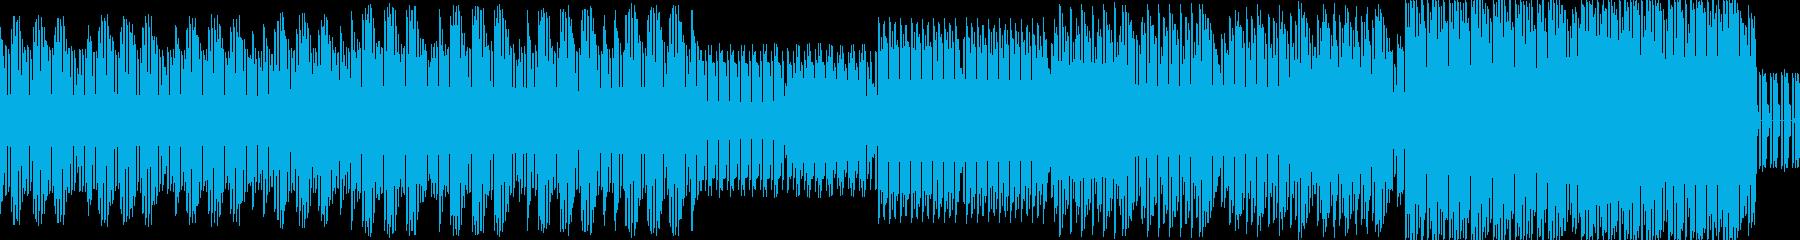 レトロゲーム風の緊迫したバトルBGMの再生済みの波形